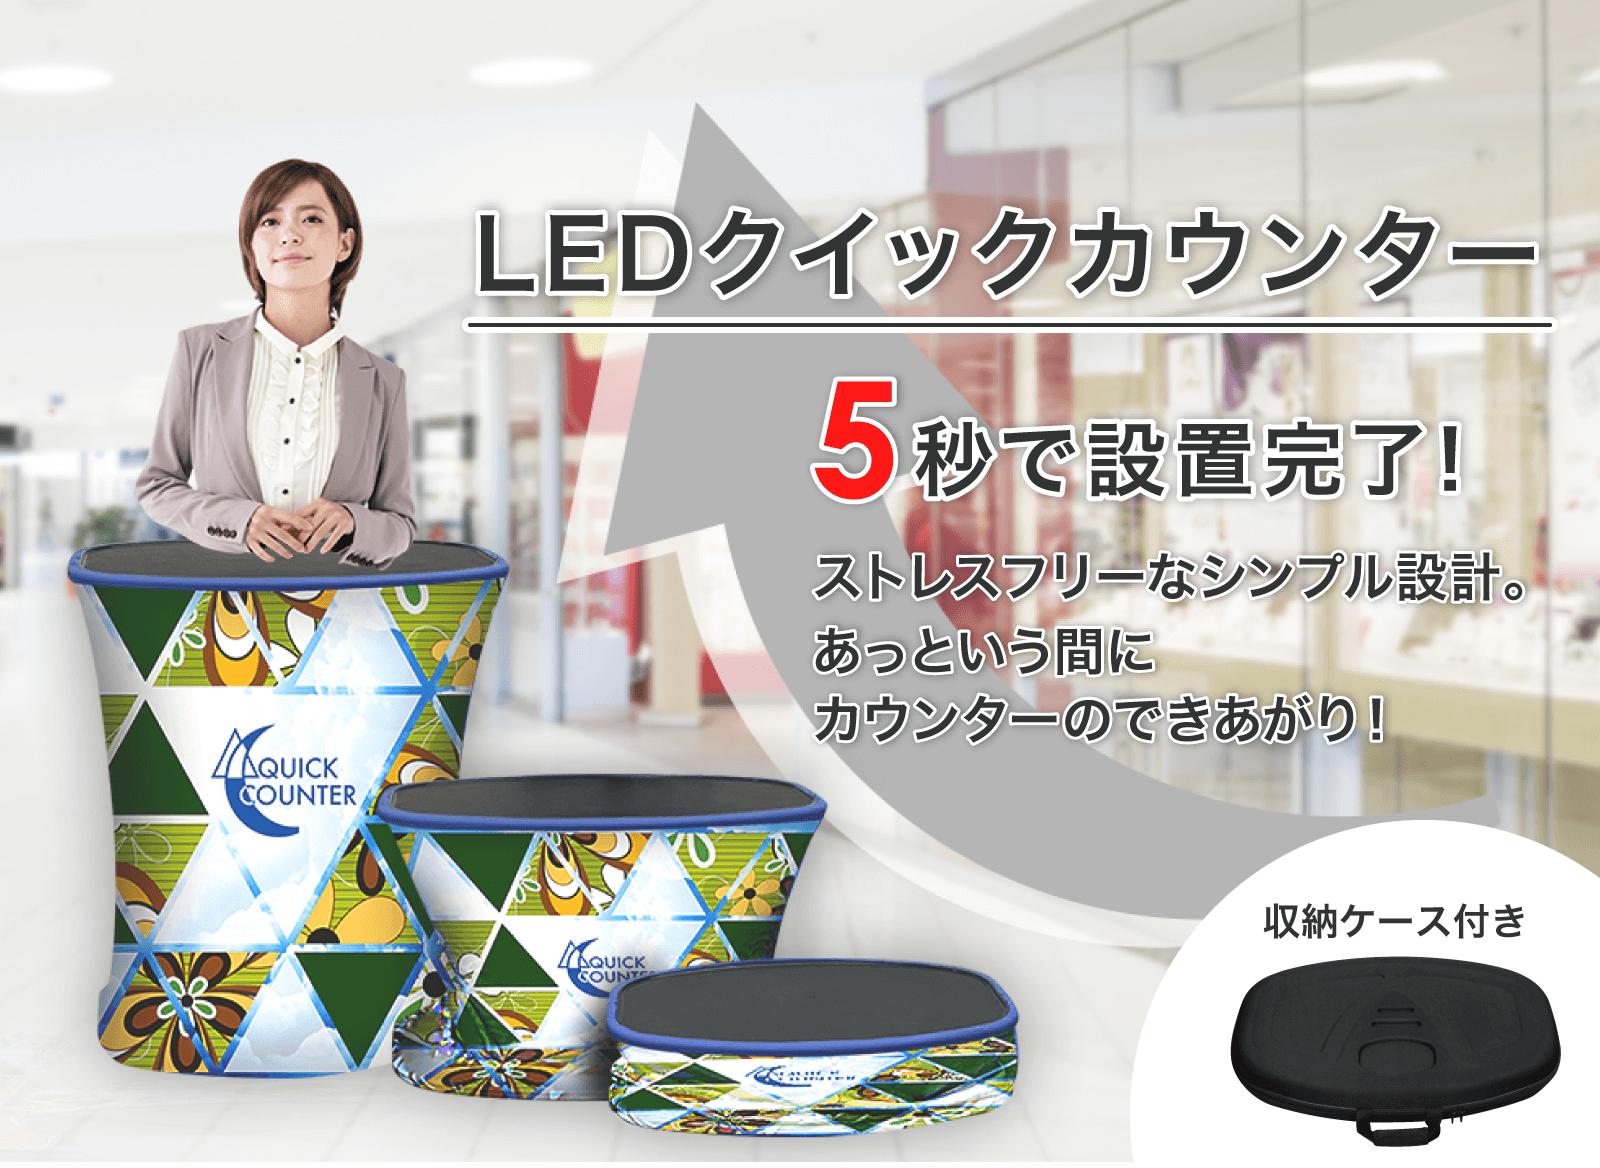 LEDクイックカウンター 5秒で設置完了!ストレスフリーなシンプル設計。あっという間にカウンターのできあがり!